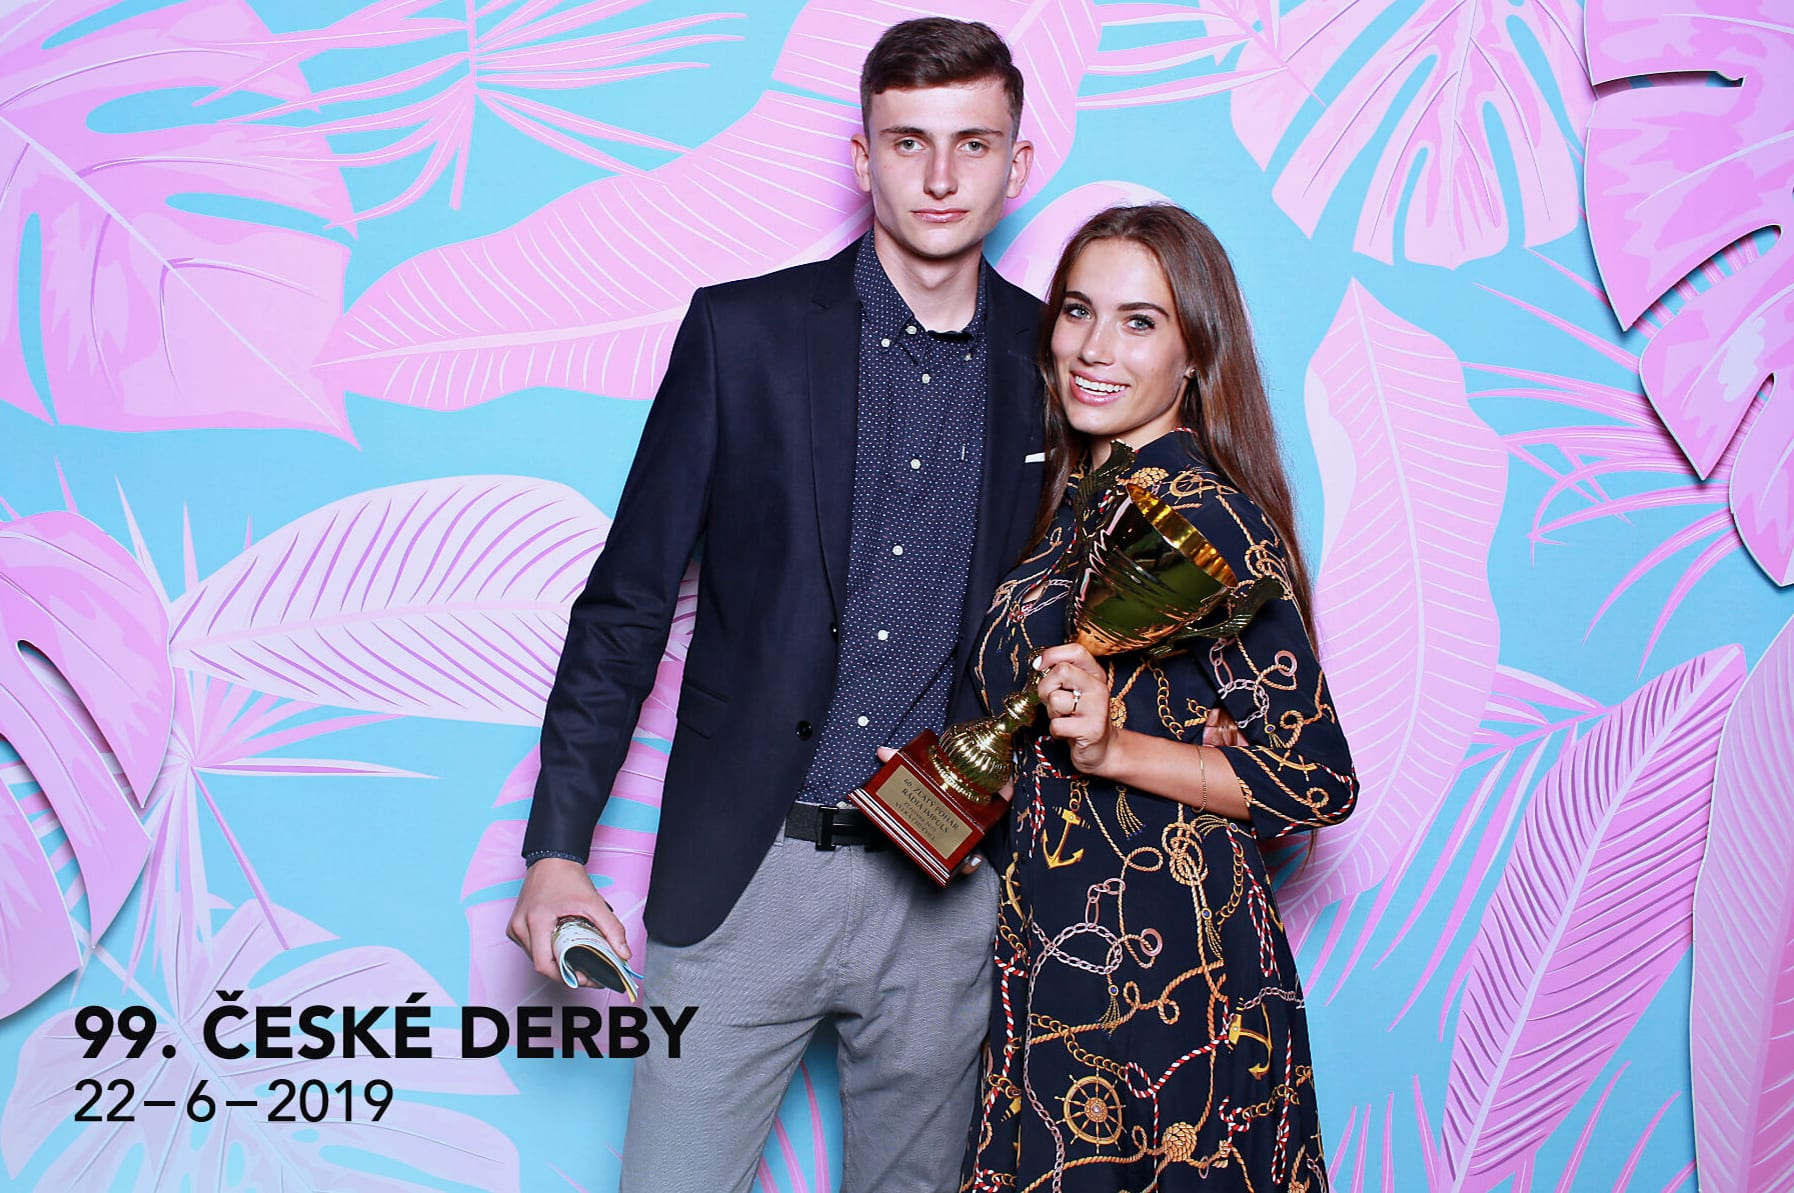 fotokoutek-ceske-derby-22-6-2019-631143